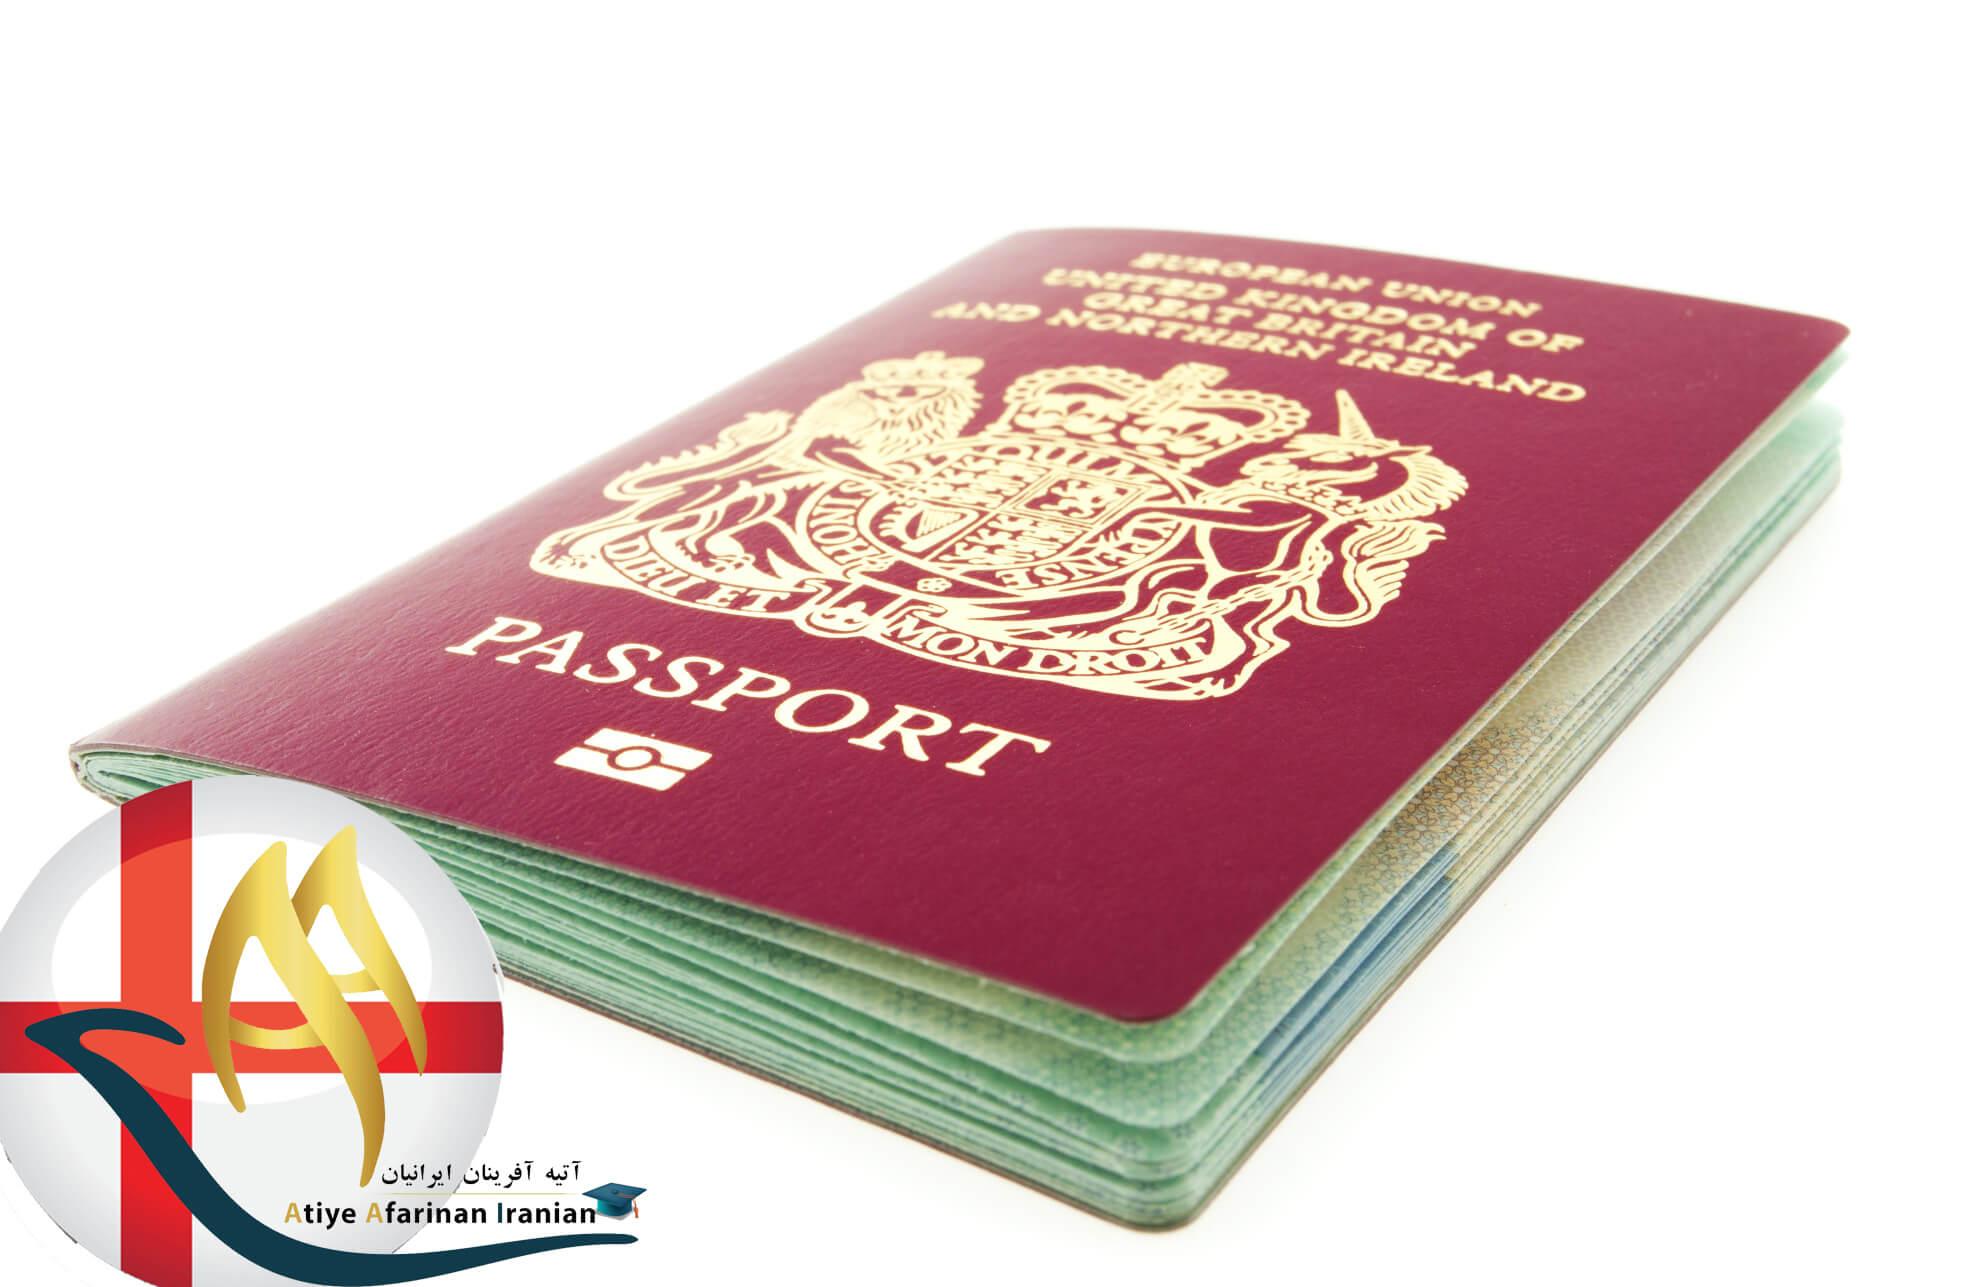 اقامت و تابعیت انگلستان